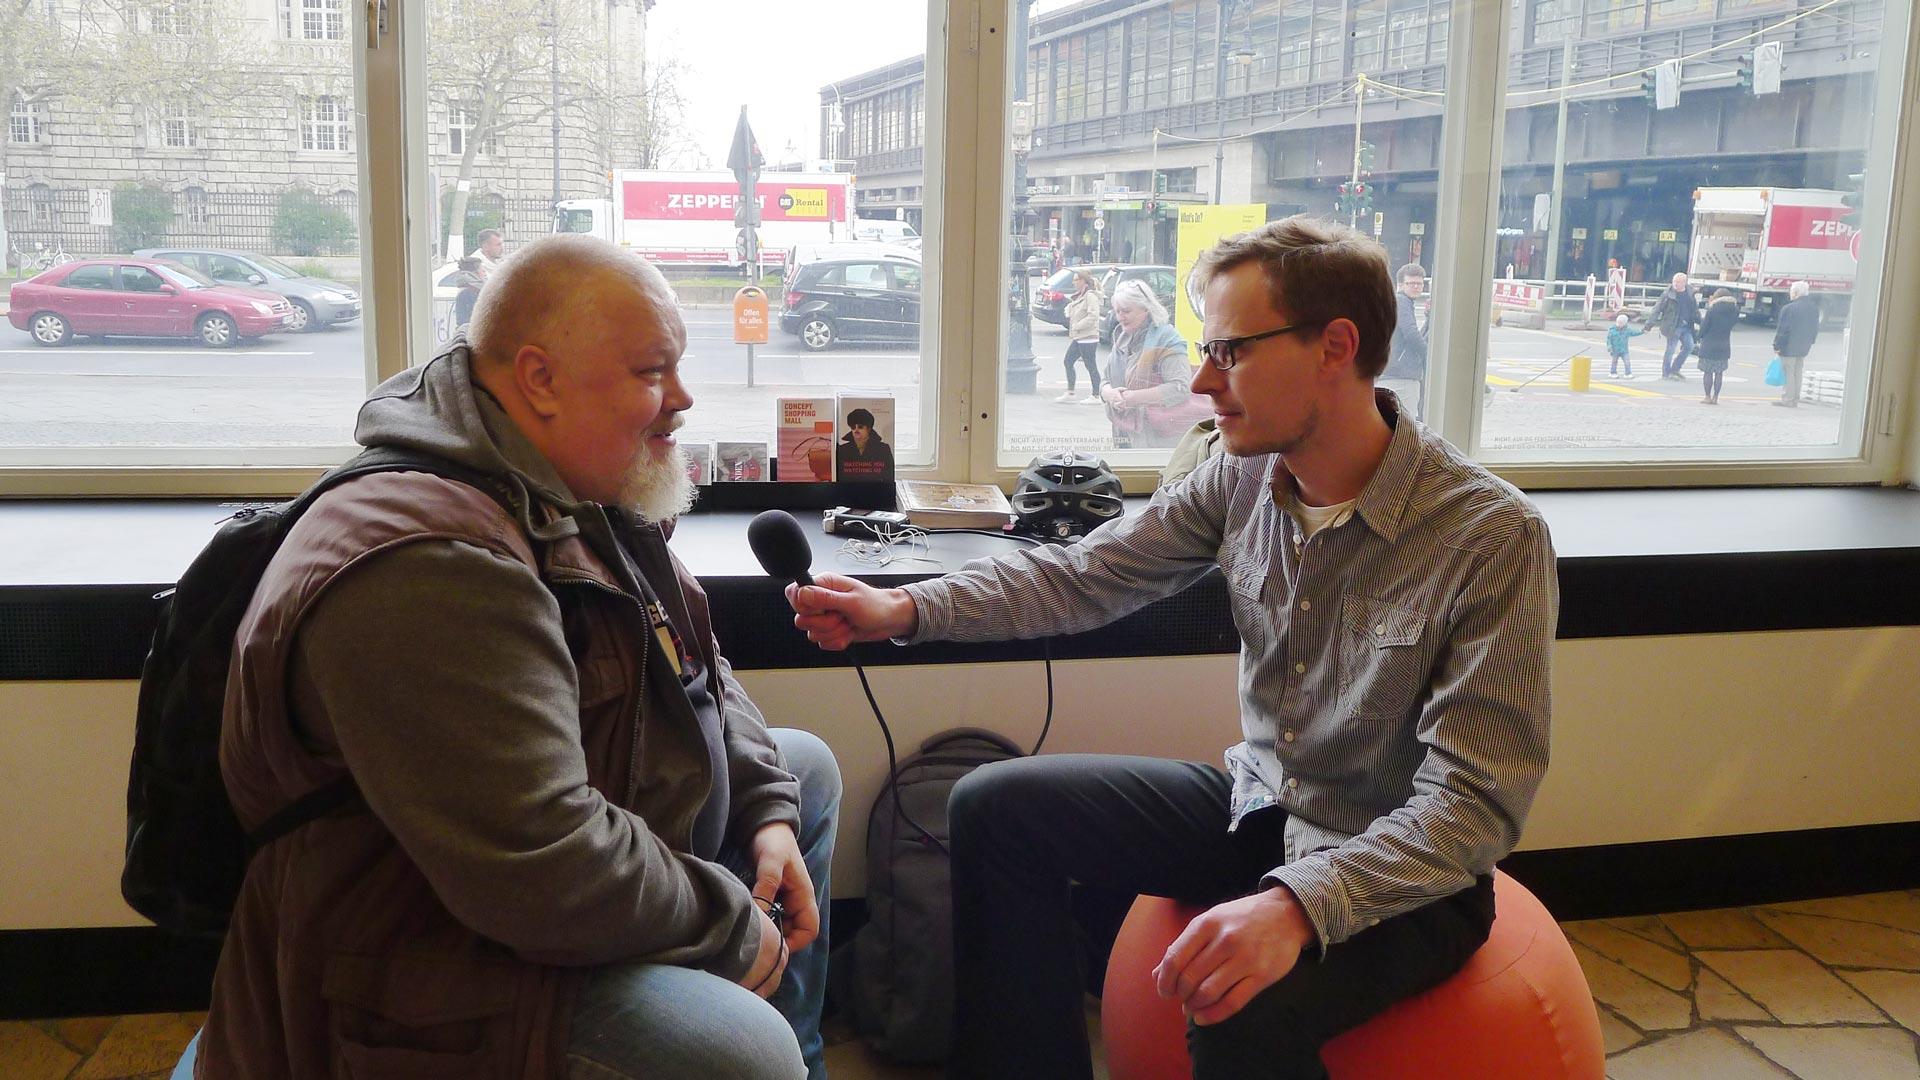 Henrik HAX Alexandersson och Karl Andersson på C/O Berlin i Amerikahaus vid Bahnhof Zoo i Berlin, 18 april 2017. Tack till receptionisten som tog bilden åt oss!